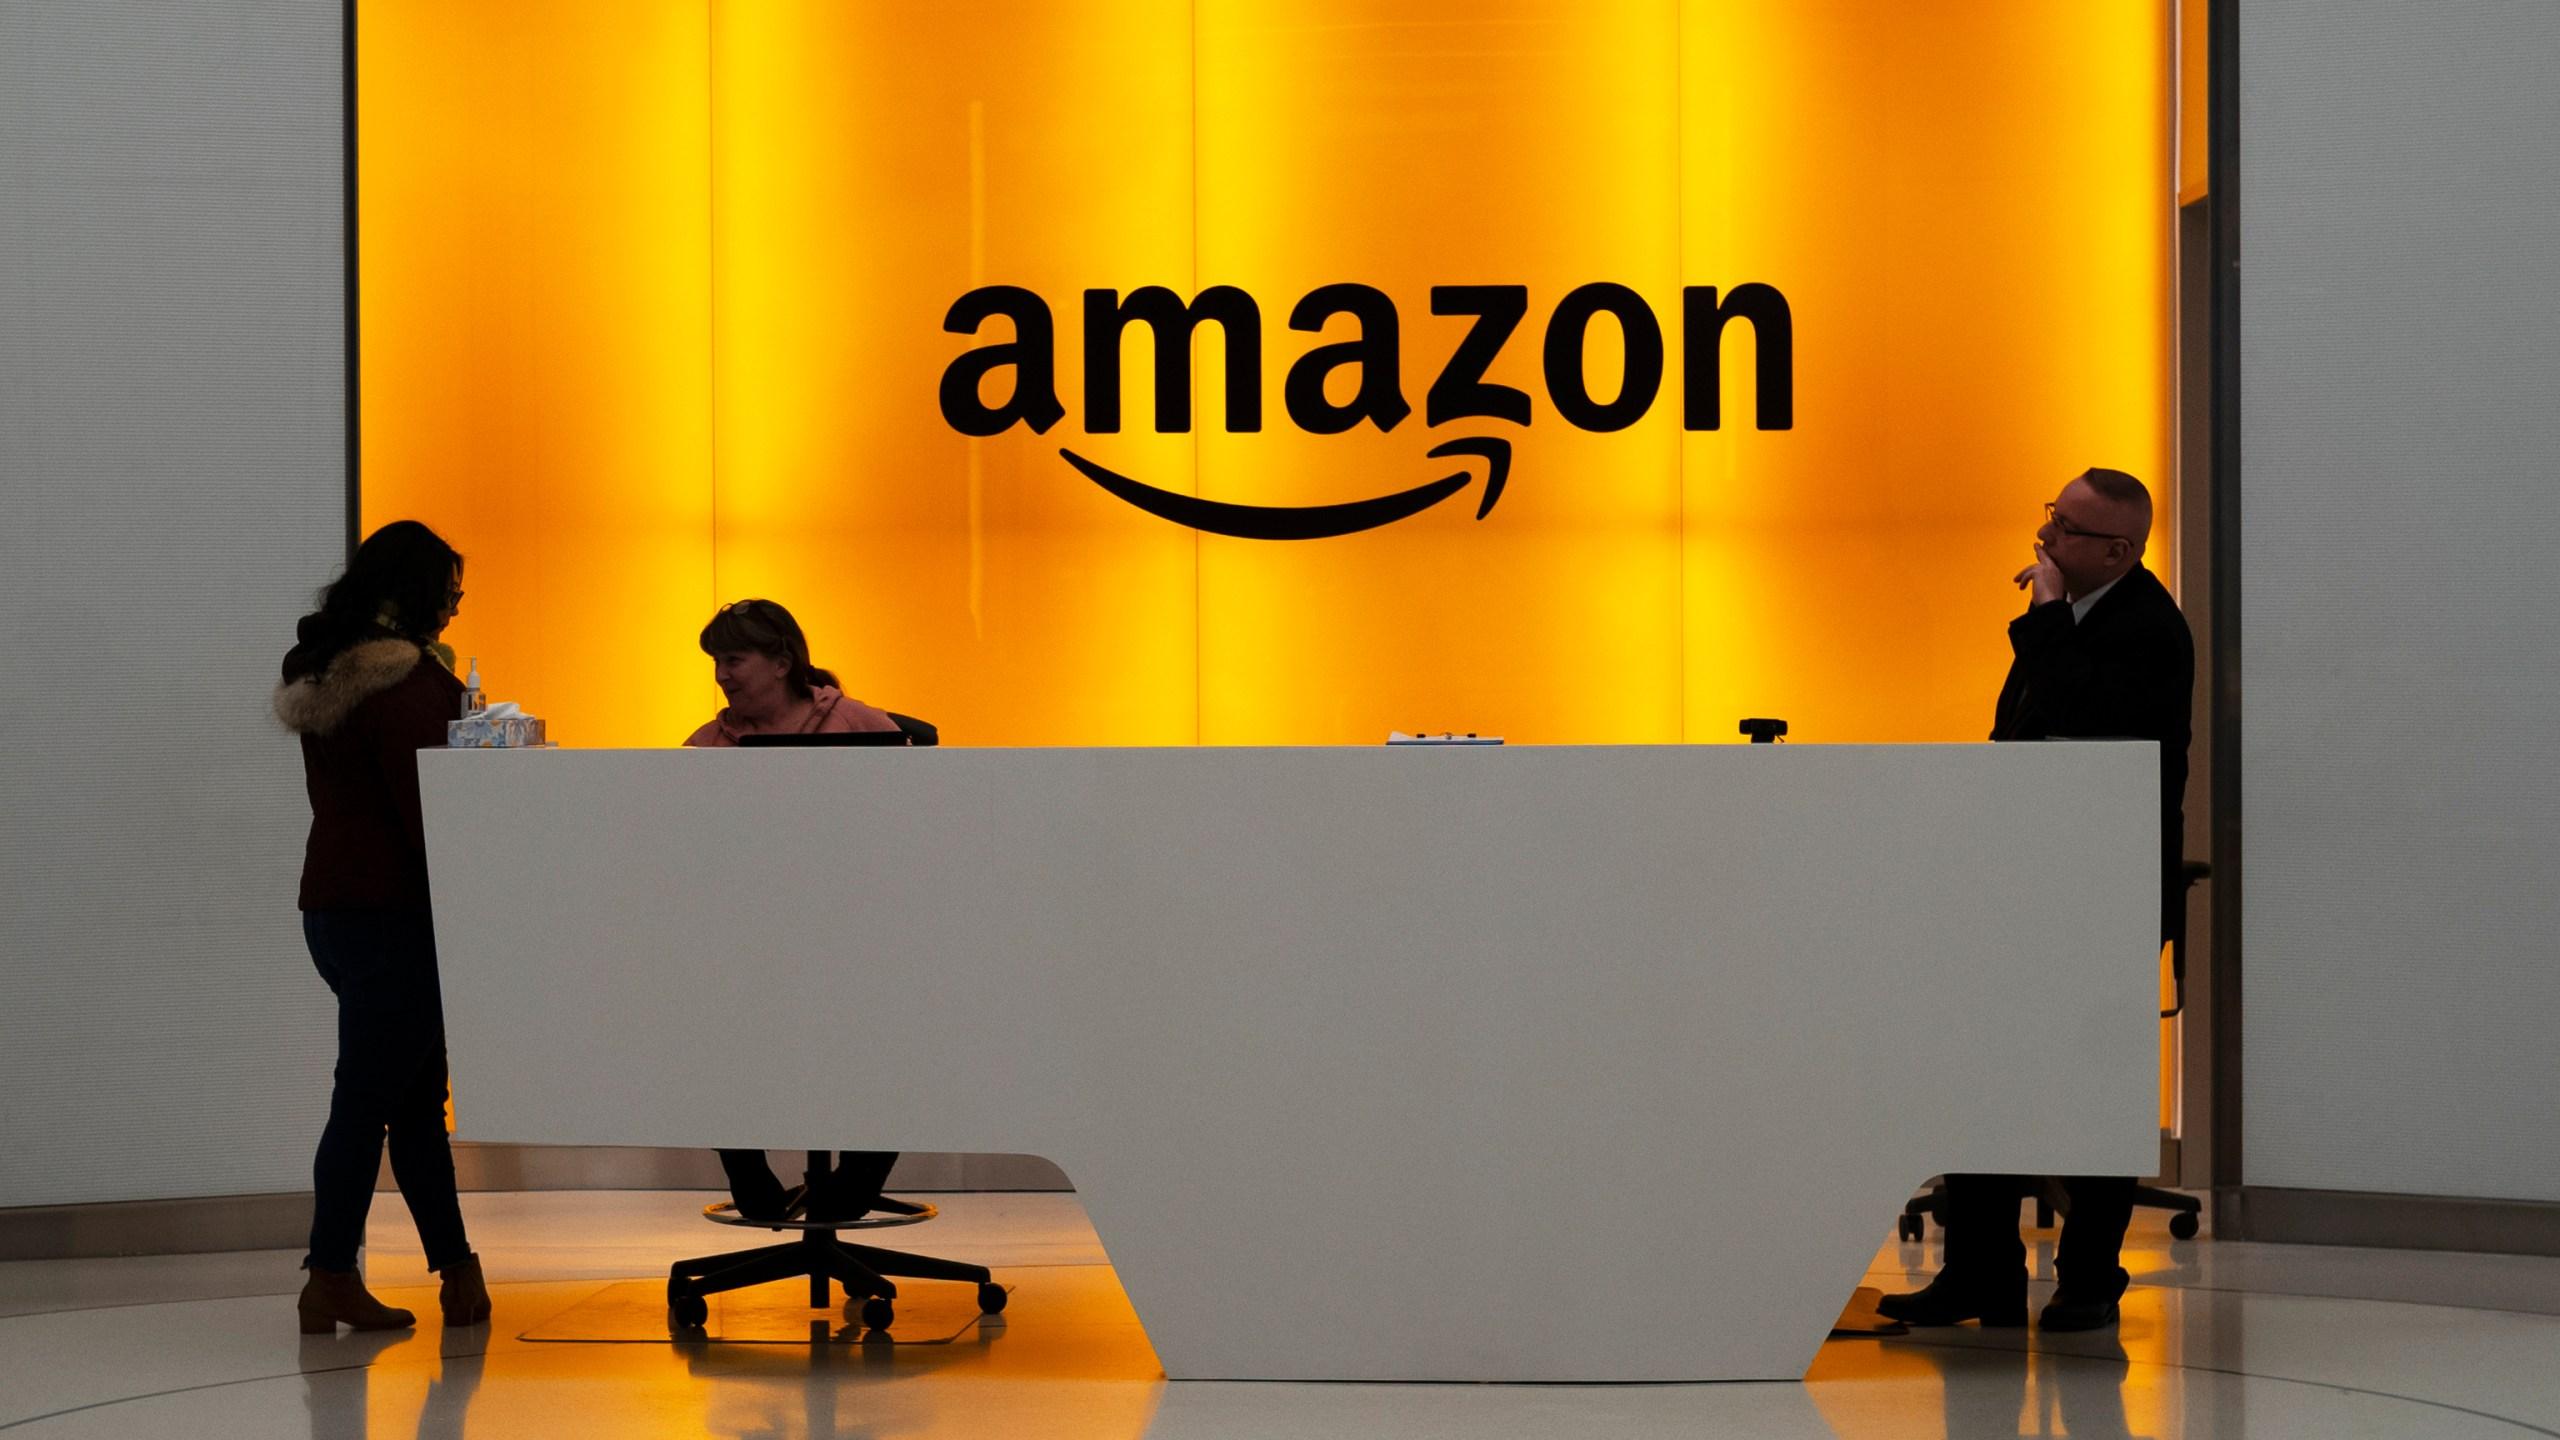 APTOPIX_Amazon_HQ_95155-159532.jpg77708174